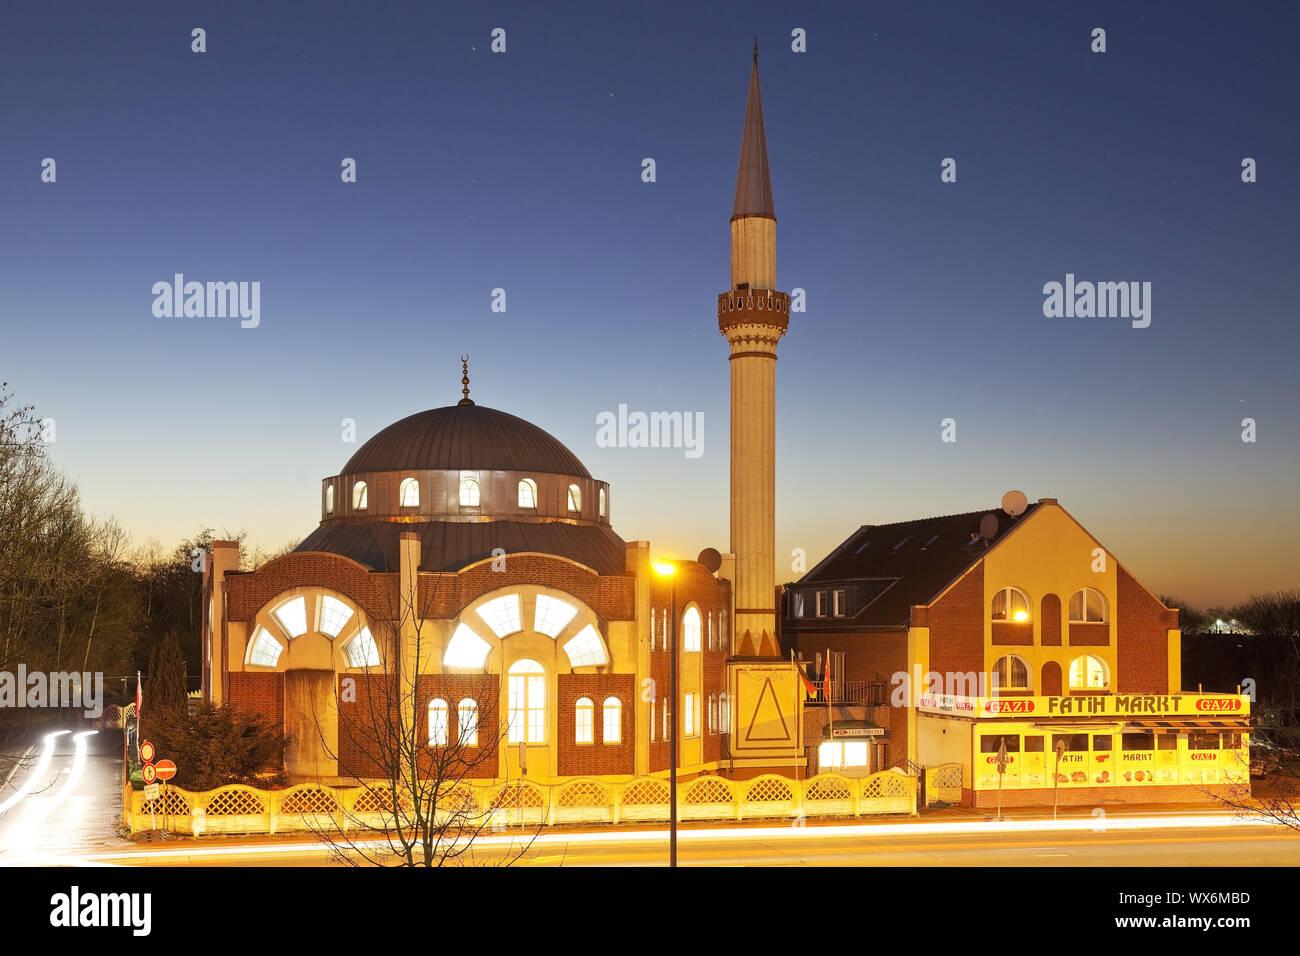 Glauben Moschee am Abend, Essen, Ruhrgebiet, Nordrhein-Westfalen, Essen, Deutschland, Europa Stockfoto